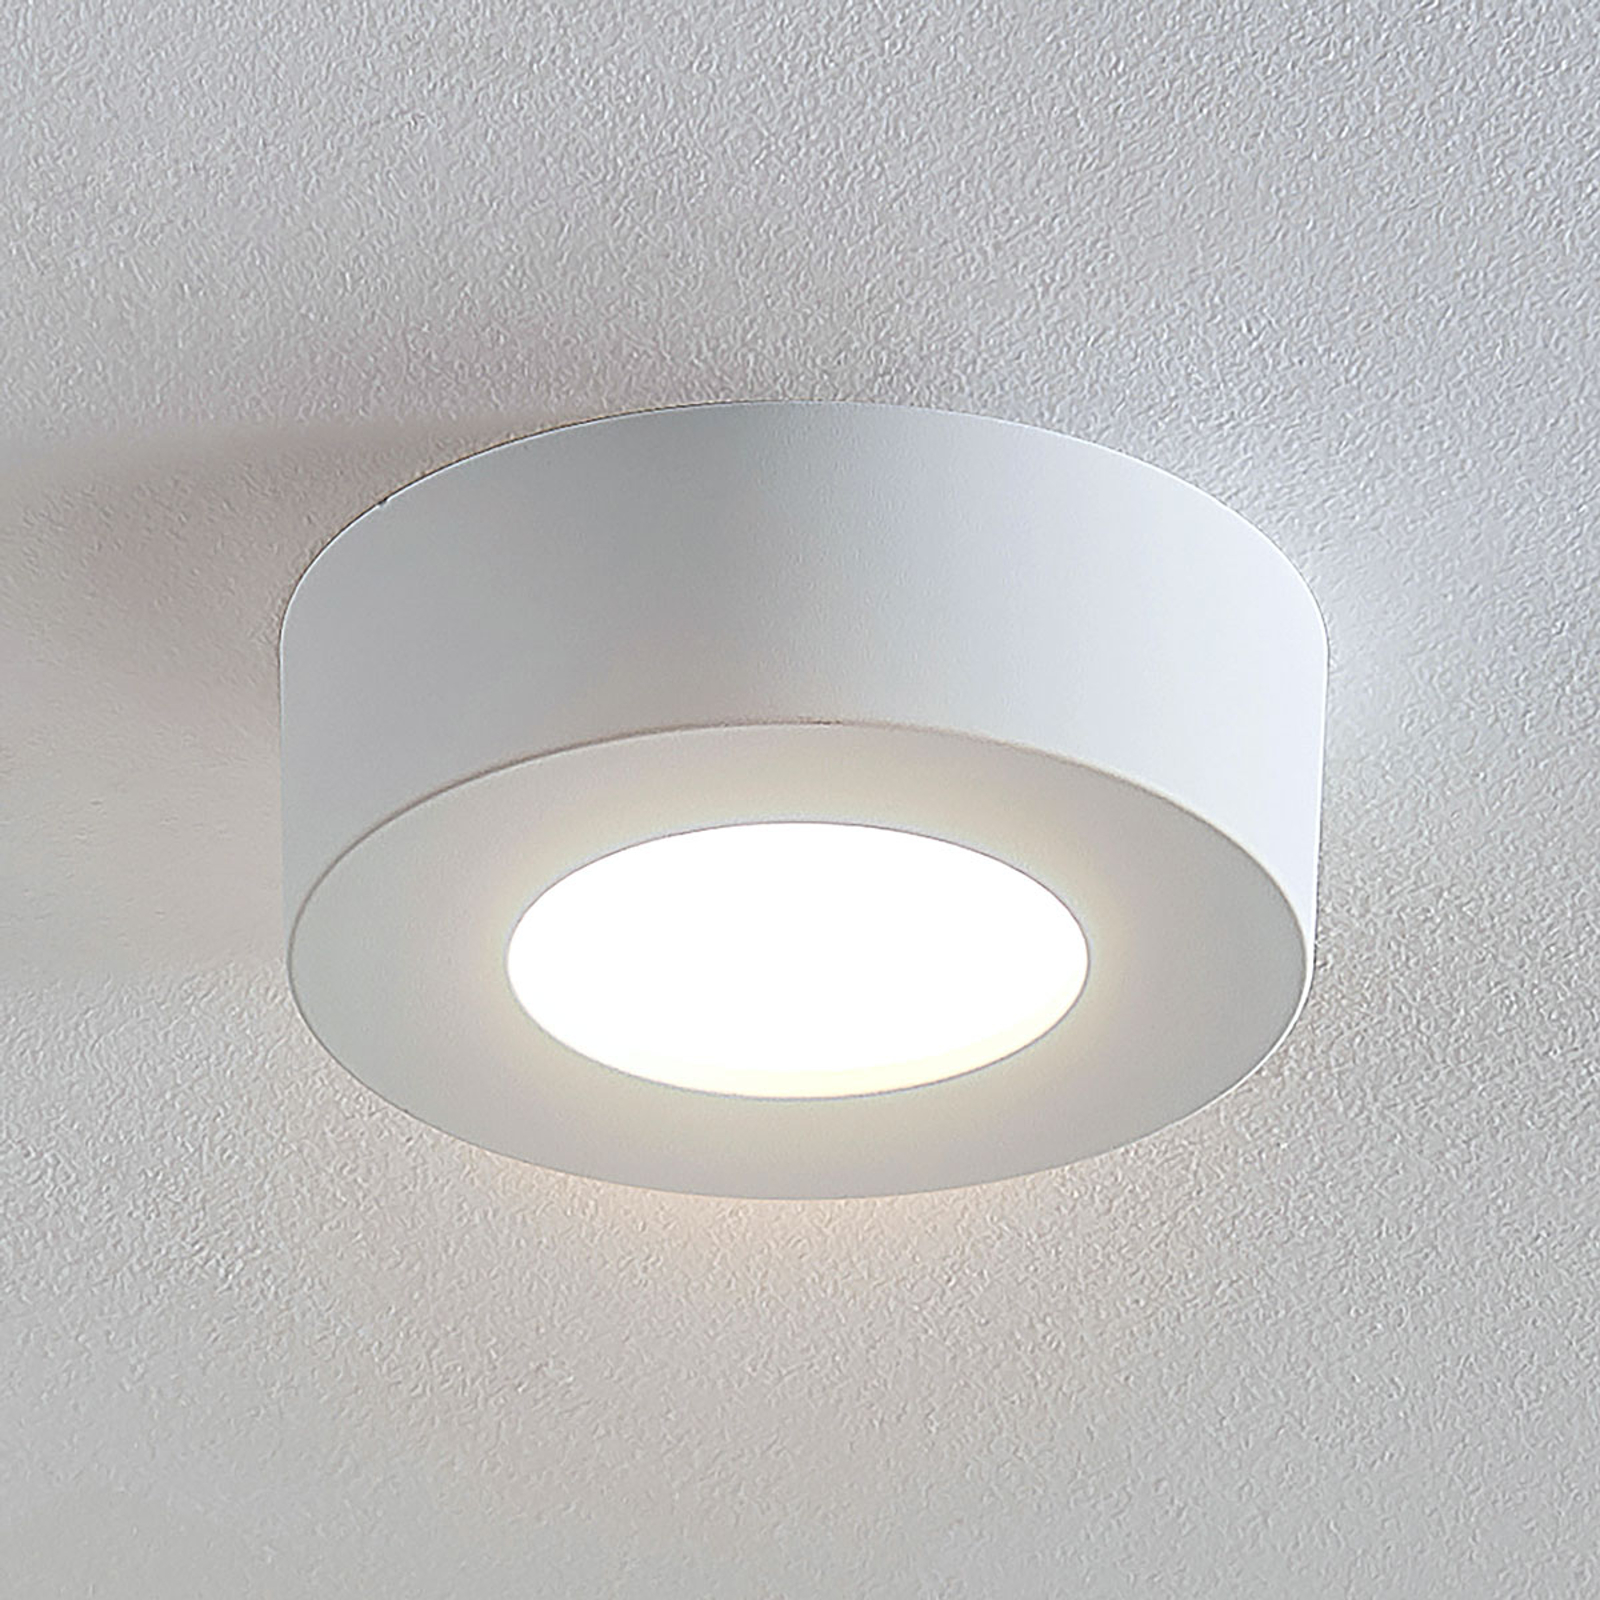 LED stropní svítidlo Marlo 3000K kulaté 12,8cm